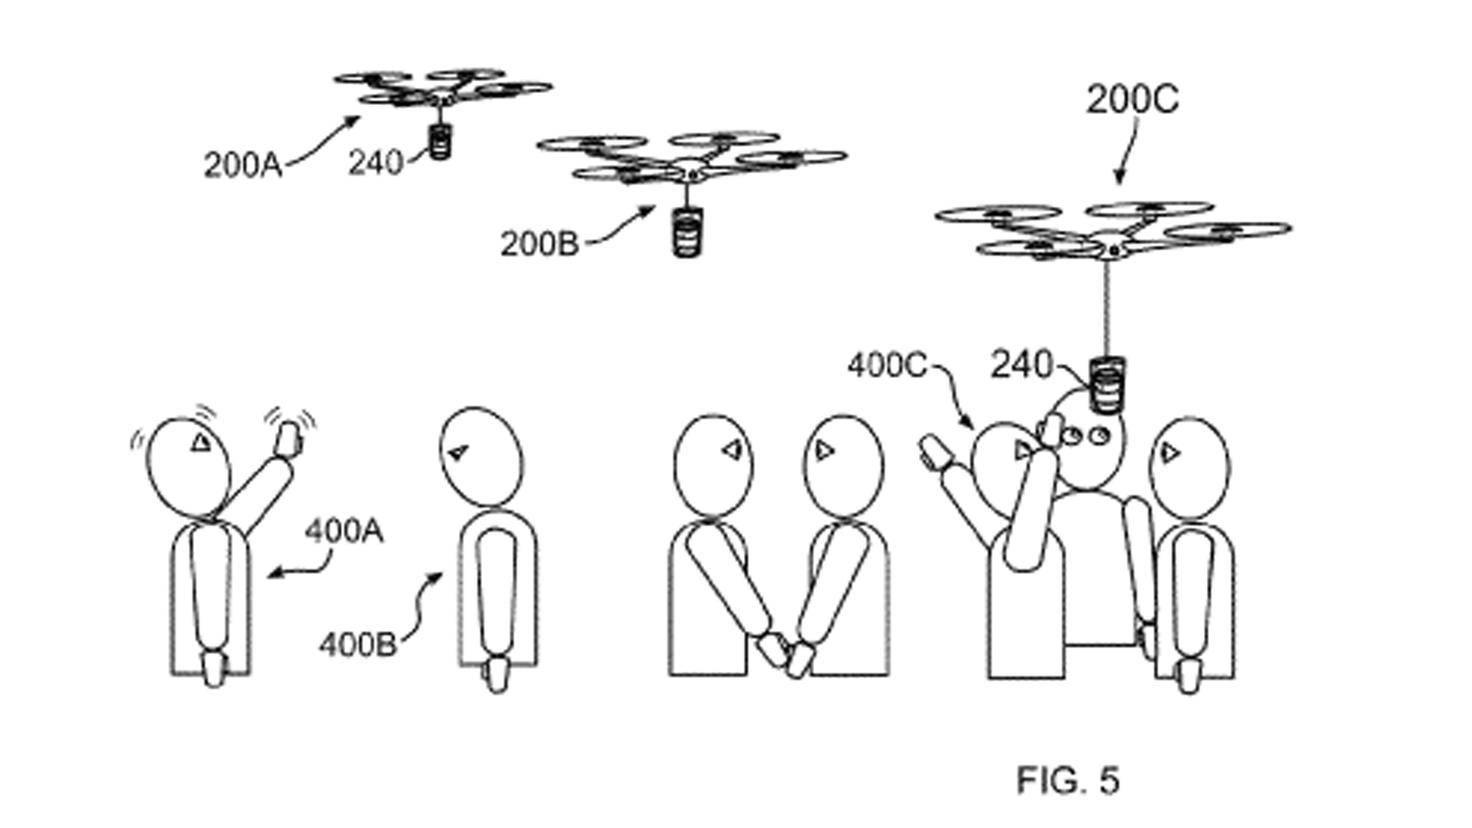 Einmal die Hand heben und schon liefert die Drohne frischen Kaffee – so zumindest ist der Plan!